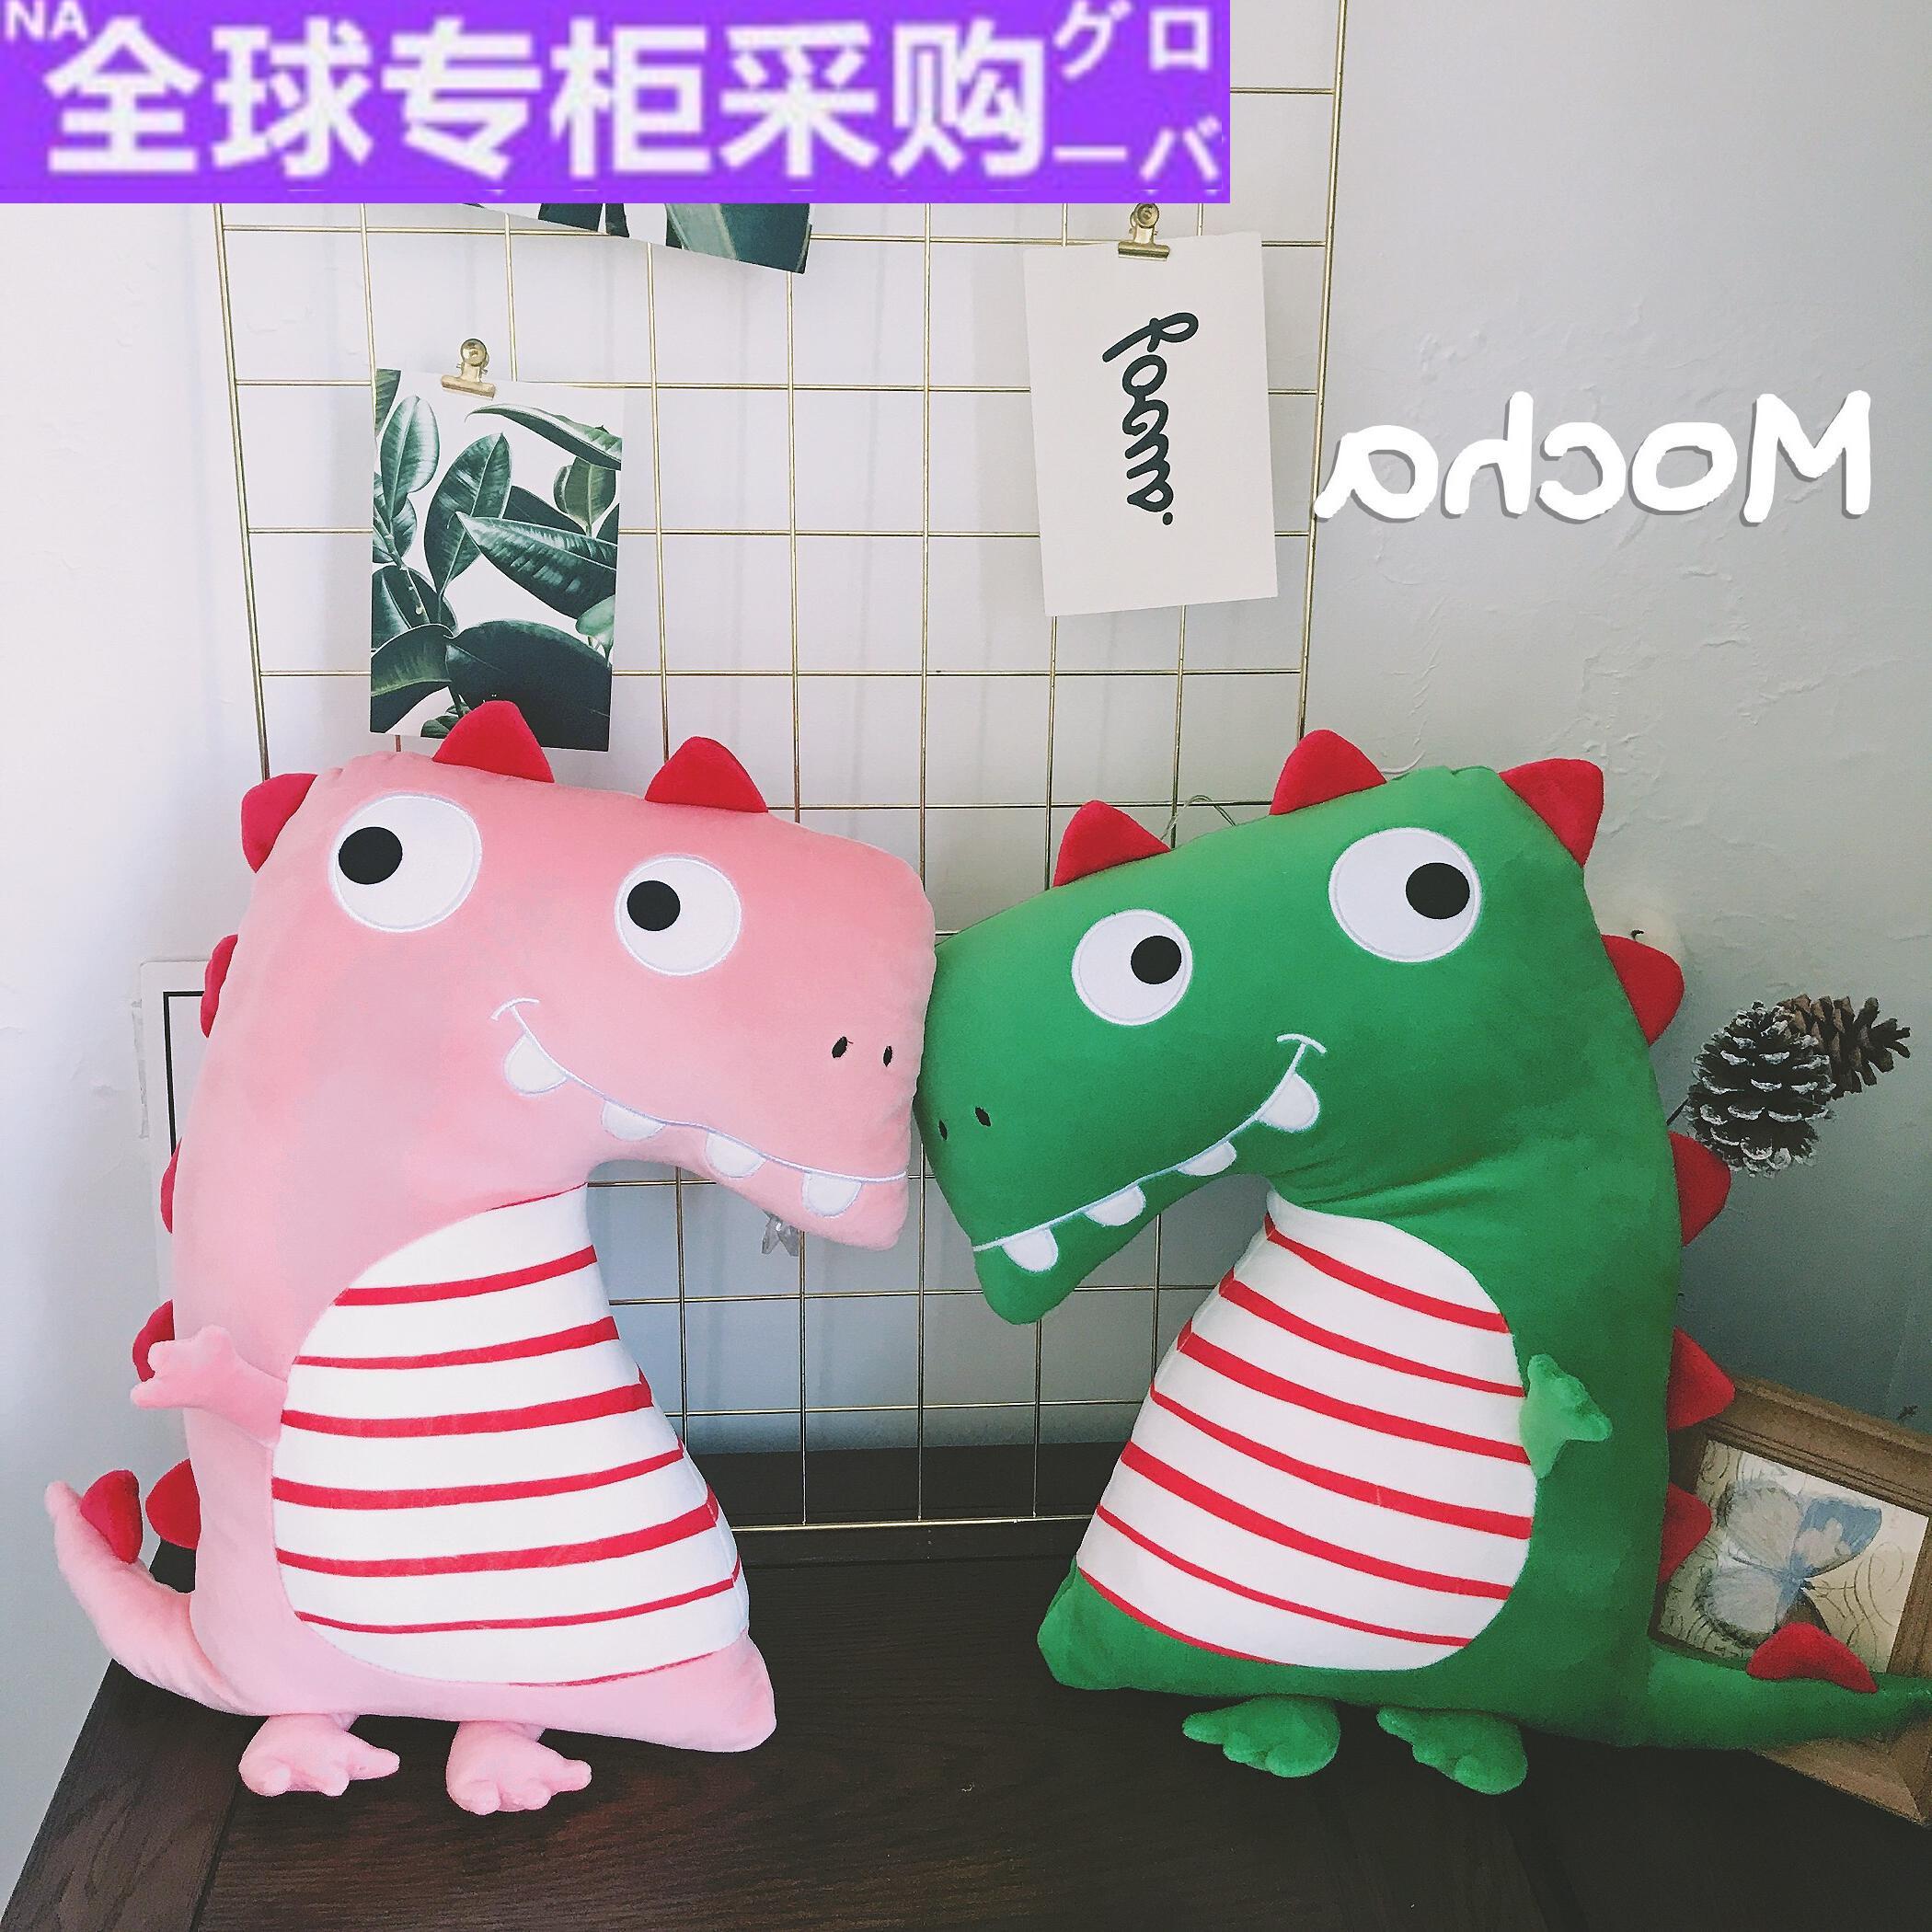 日本ins网红软体恐龙长条抱枕公仔抱着睡觉毛绒玩具可爱生日礼物